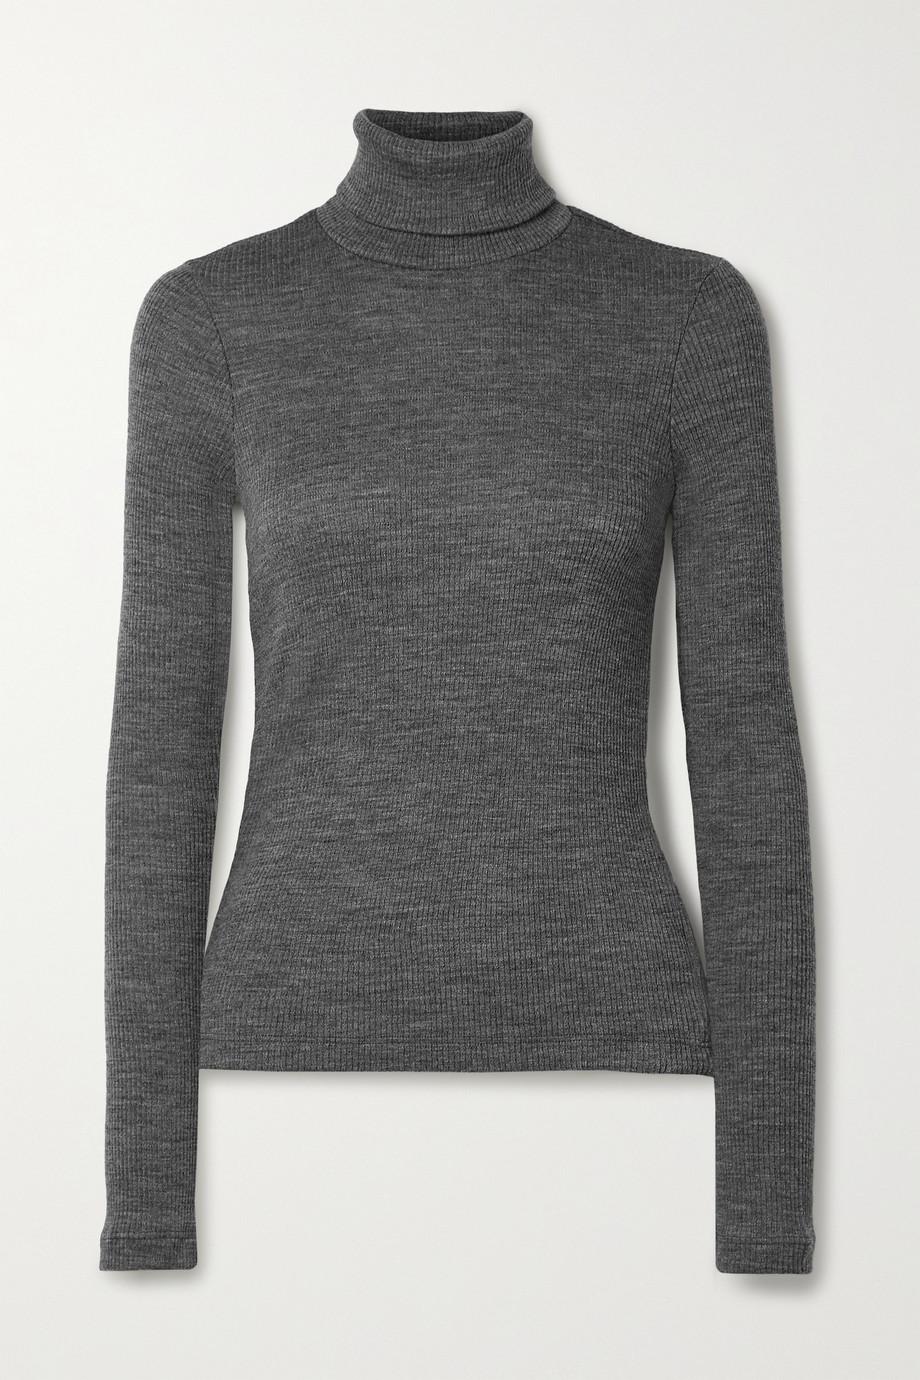 GOLDSIGN Ribbed wool-blend turtleneck sweater